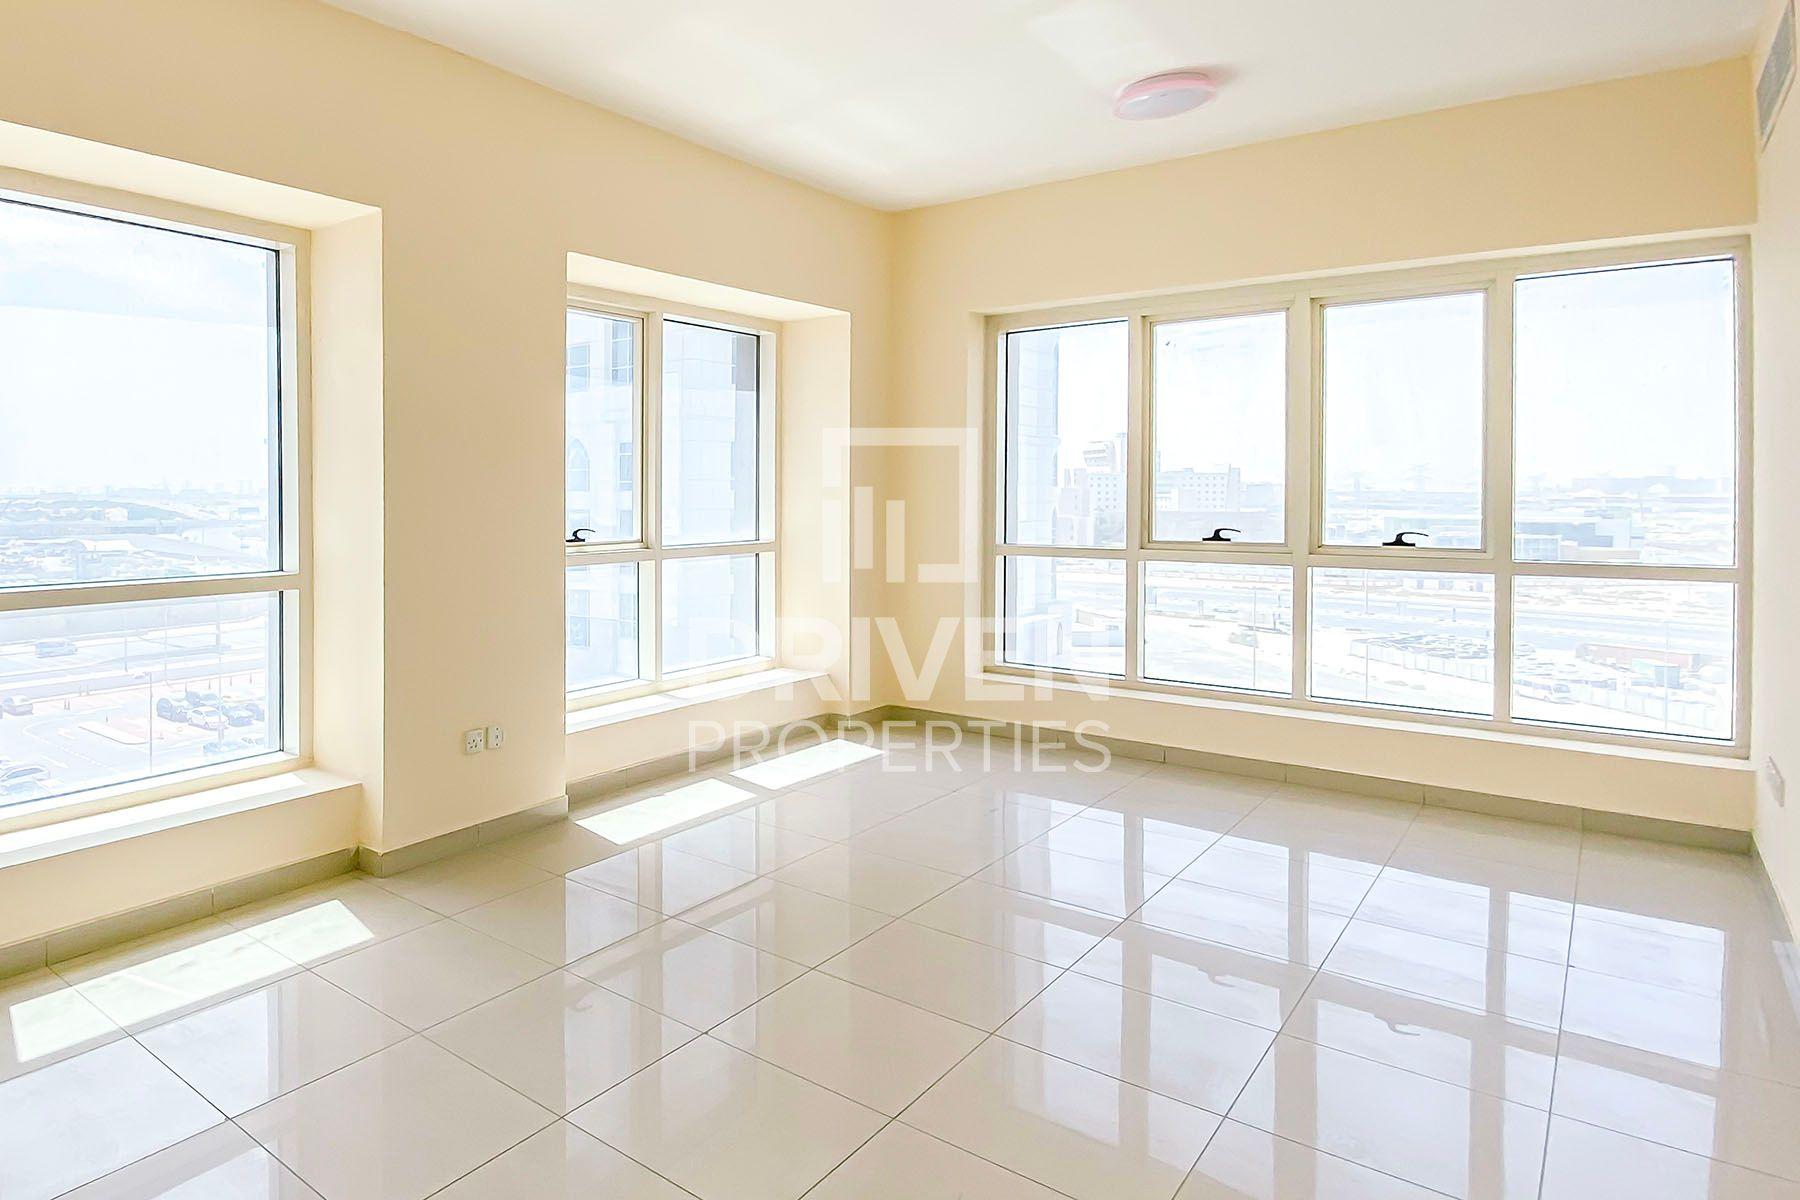 980 قدم مربع  شقة - للبيع - أبراج بحيرة الجميرا